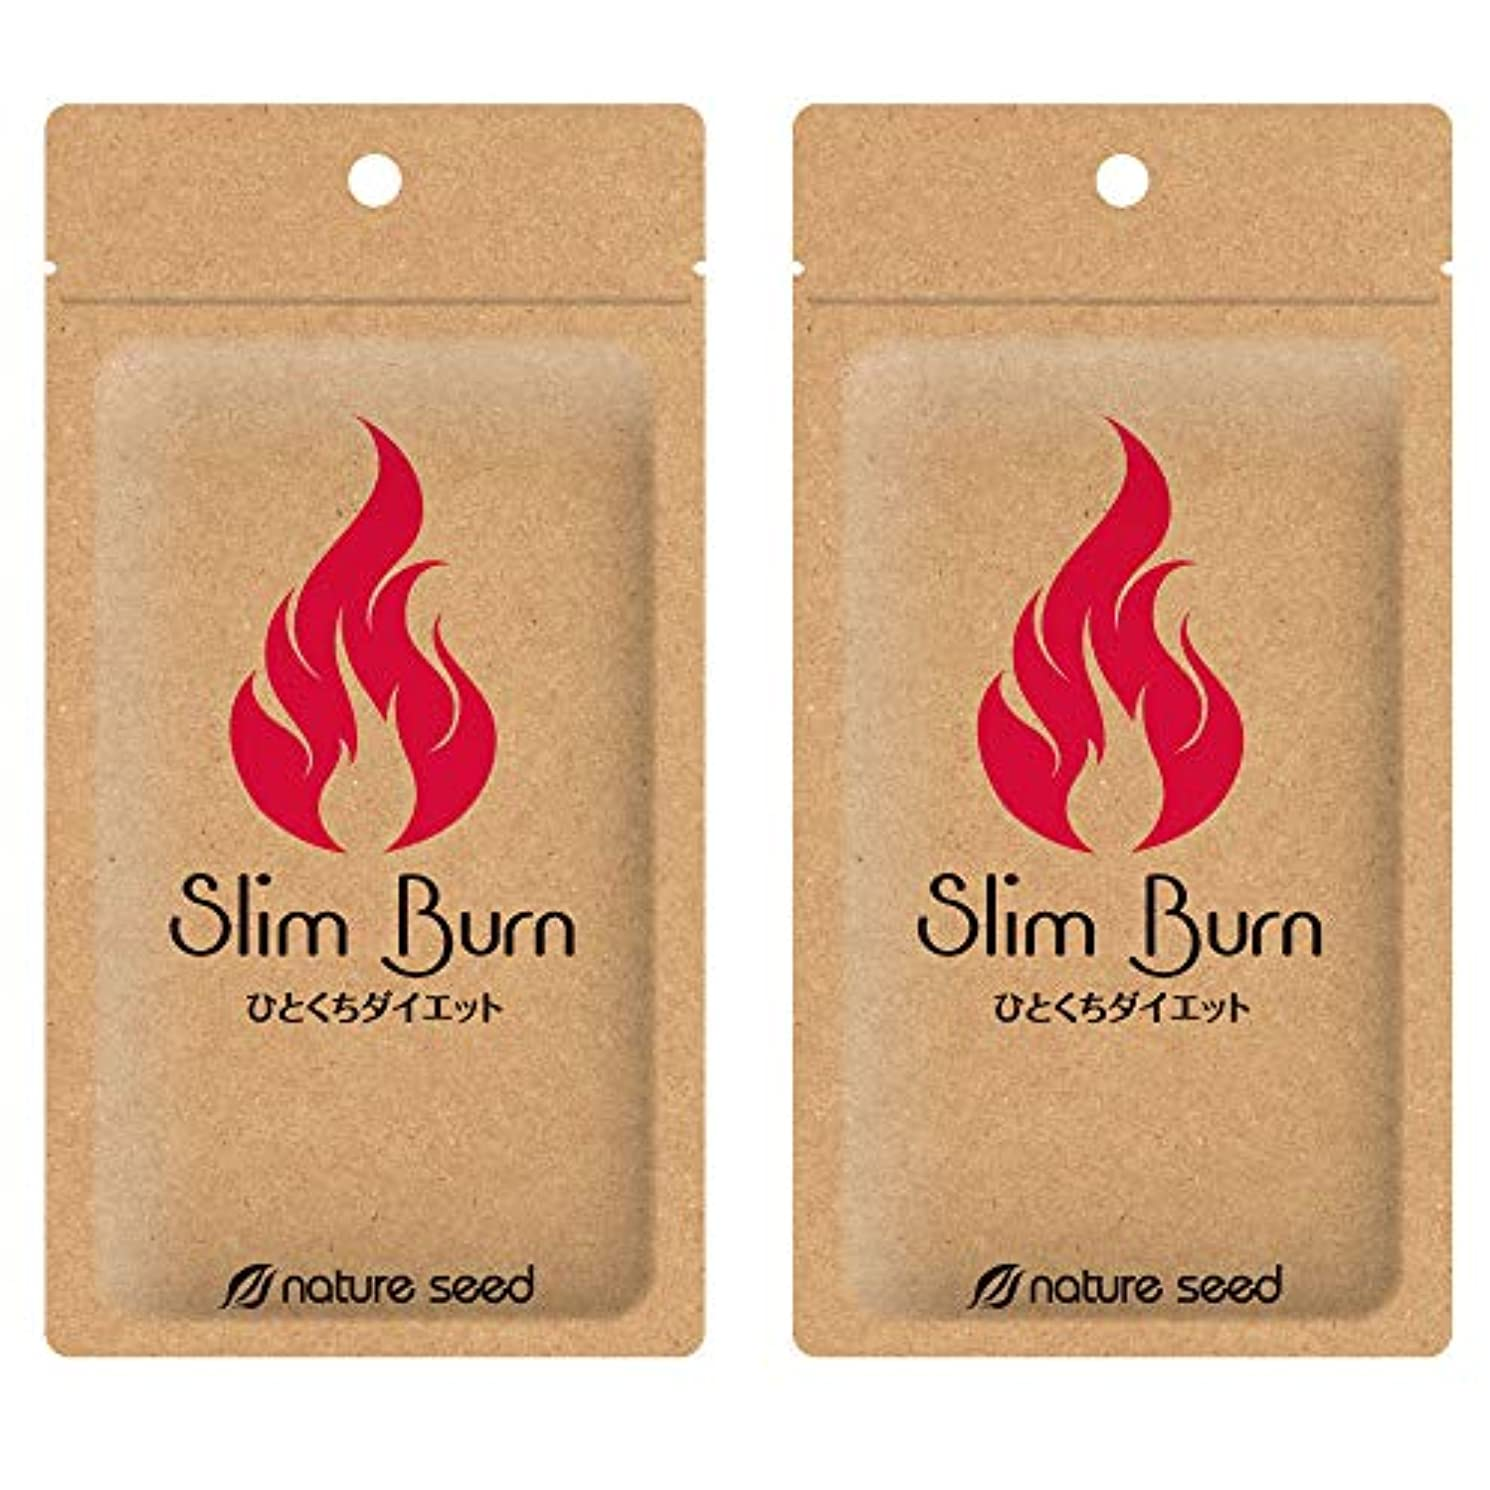 裏切る葡萄動物園[燃焼サプリ]ダイエット 脂肪燃焼 くびれメイクをサポート サプリメント スリムバーン 2袋(約60日分)